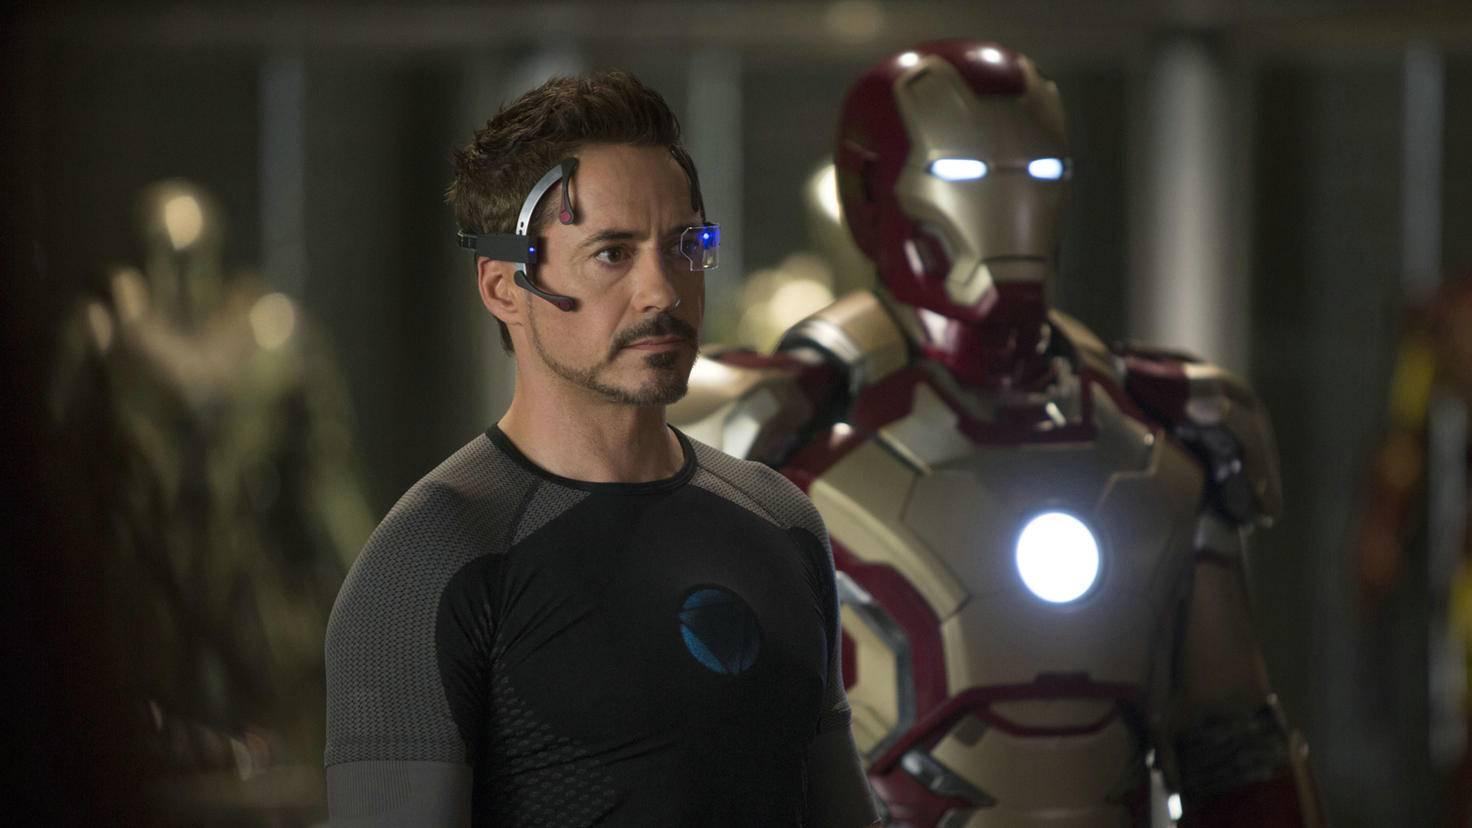 Auch wenn Robert Downey Jr. als Zugpferd des MCU gilt, für PLatz 1 hat es nicht gereicht.